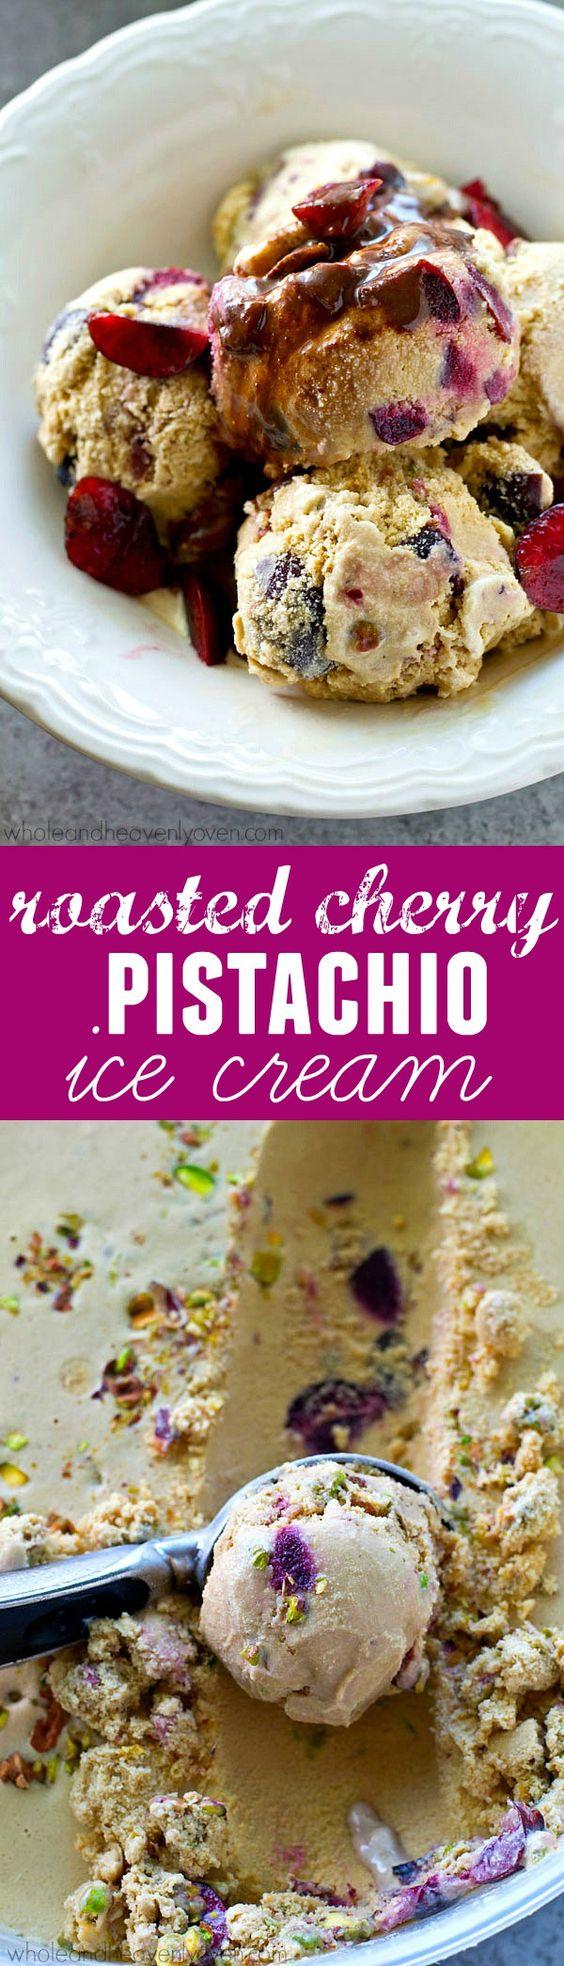 Pistachio ice cream, Pistachios and Cherries on Pinterest